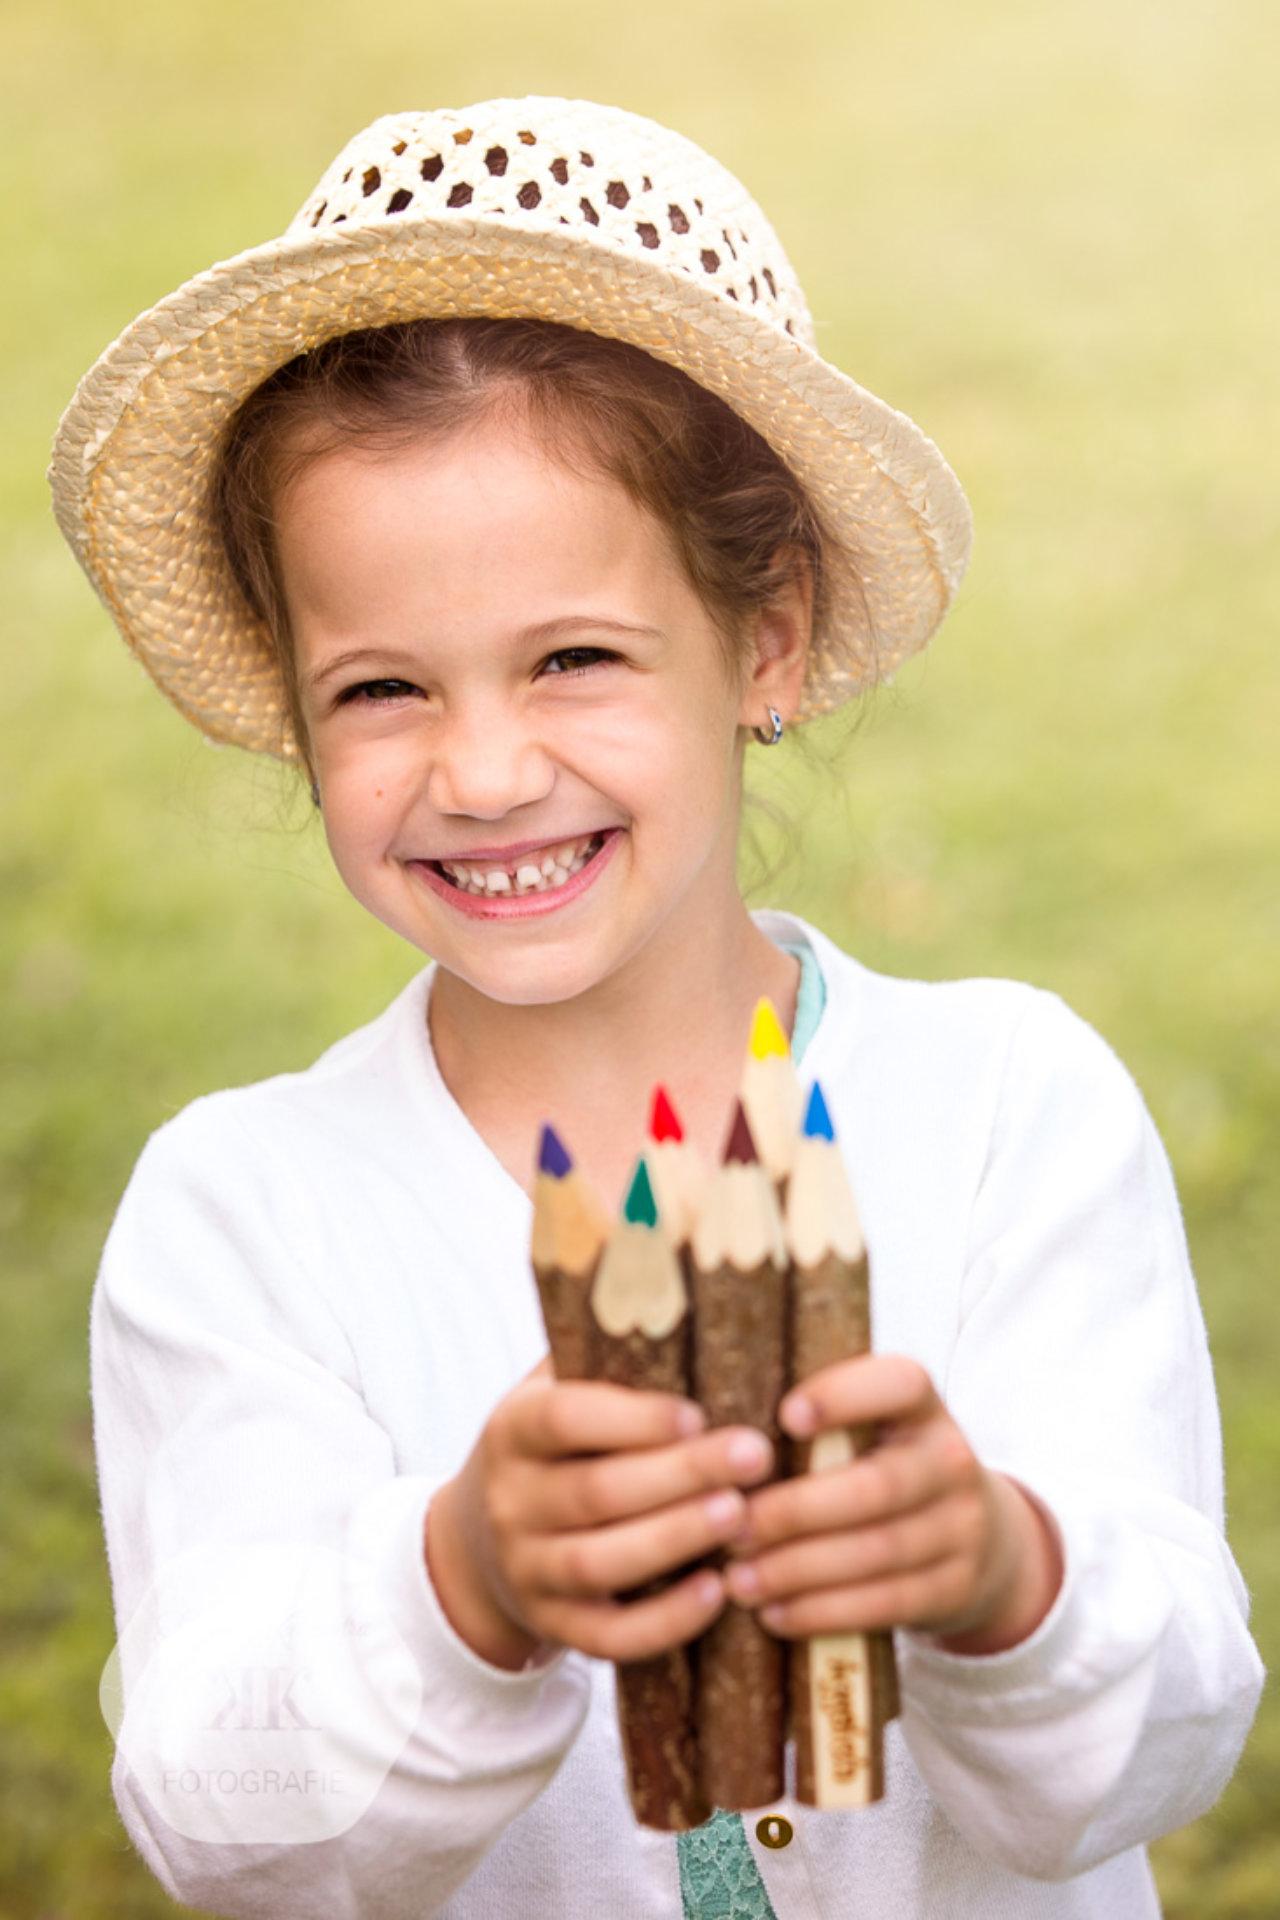 Kindergartenfotoshooting #3